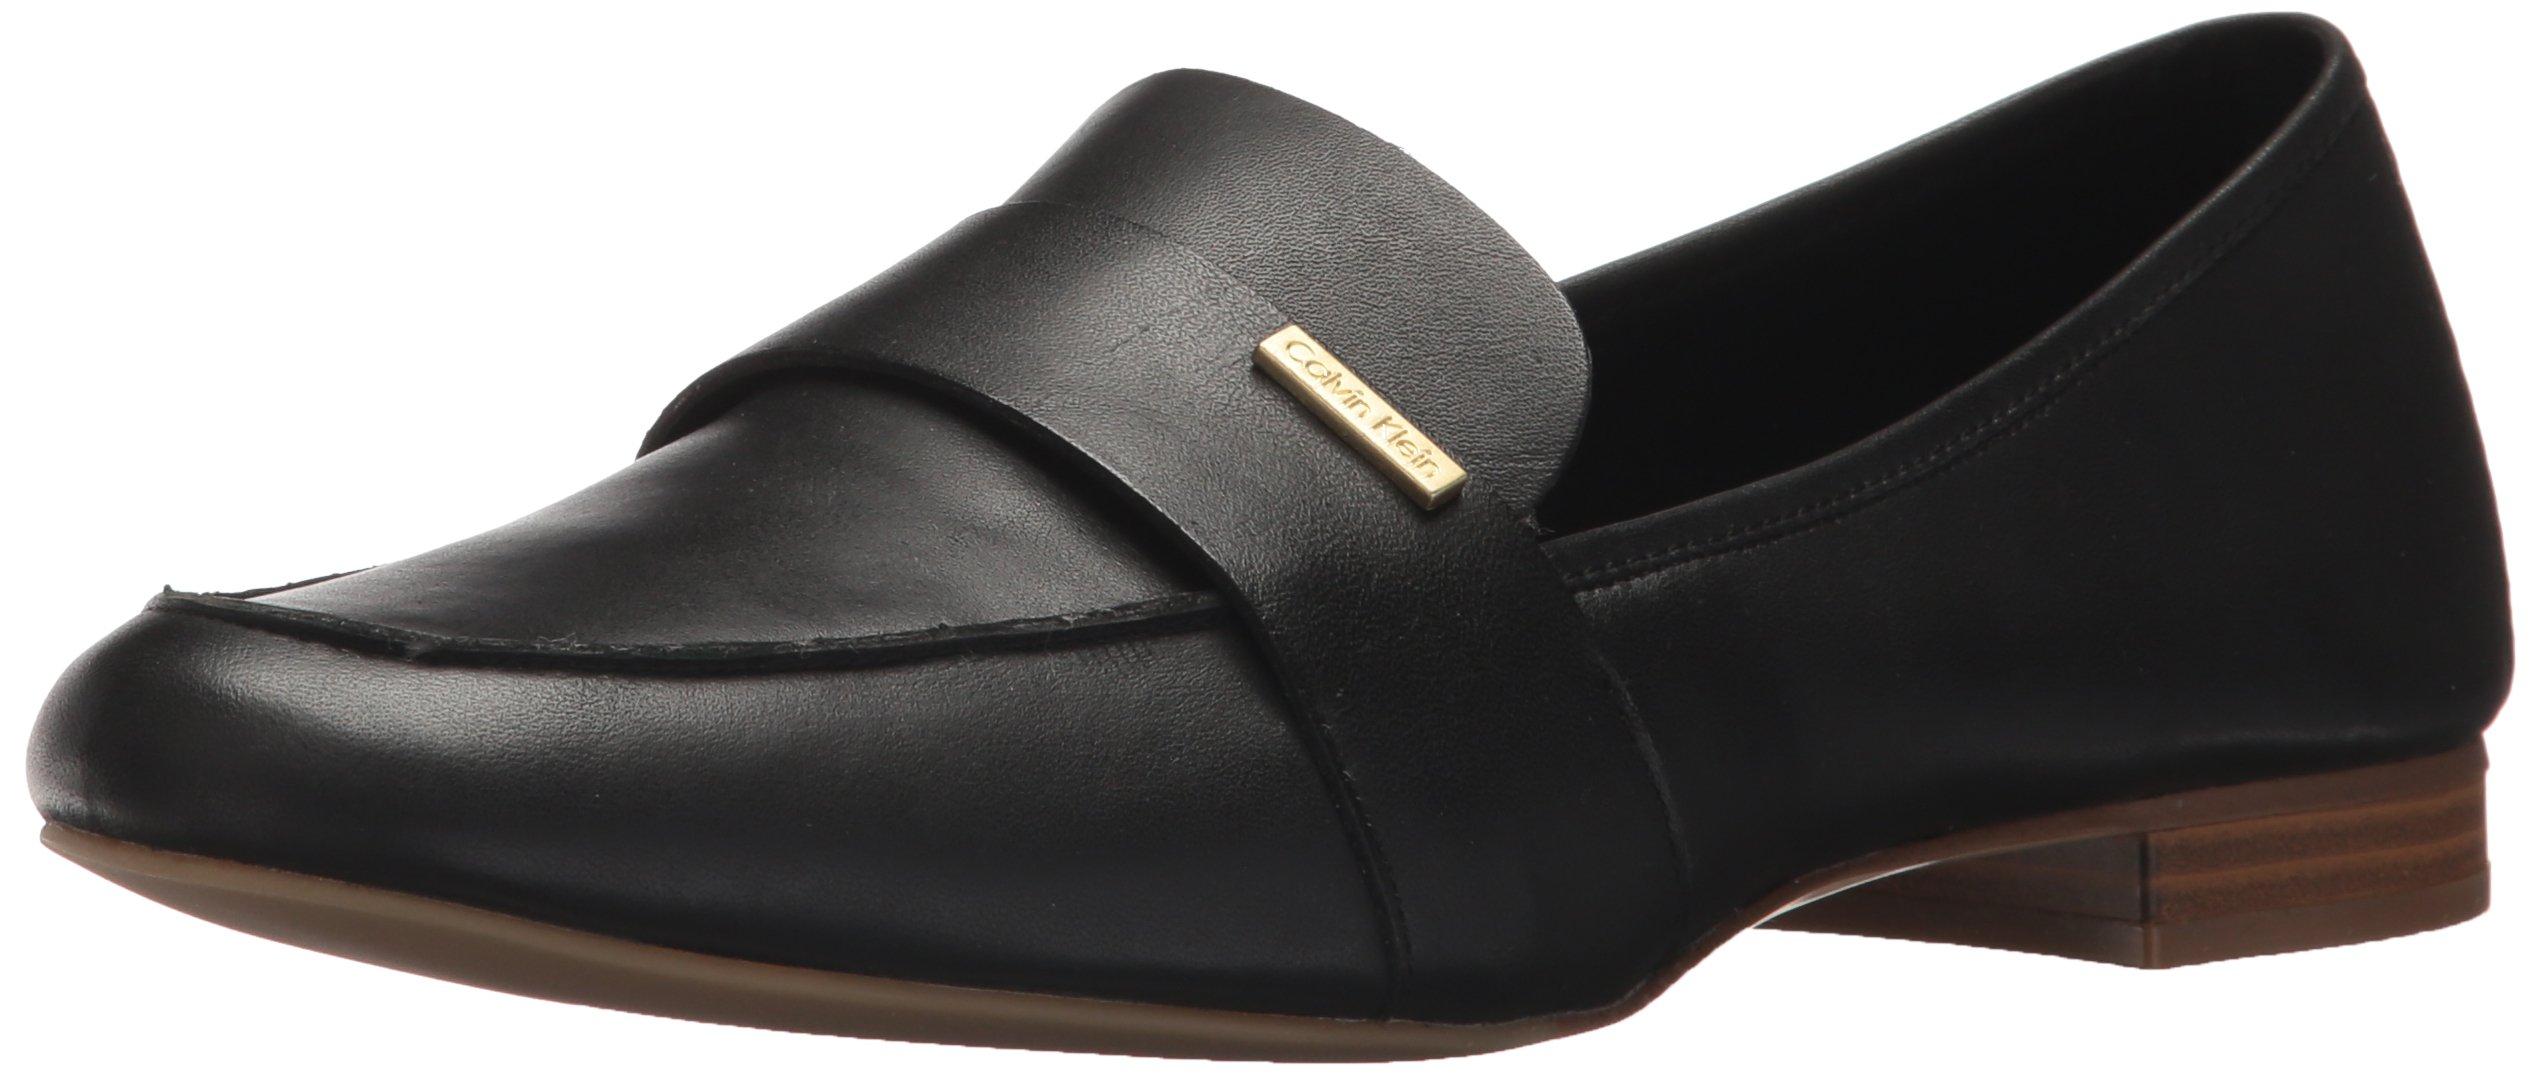 Calvin Klein Women's Cemmie Loafer, Black, 8.5 Medium US